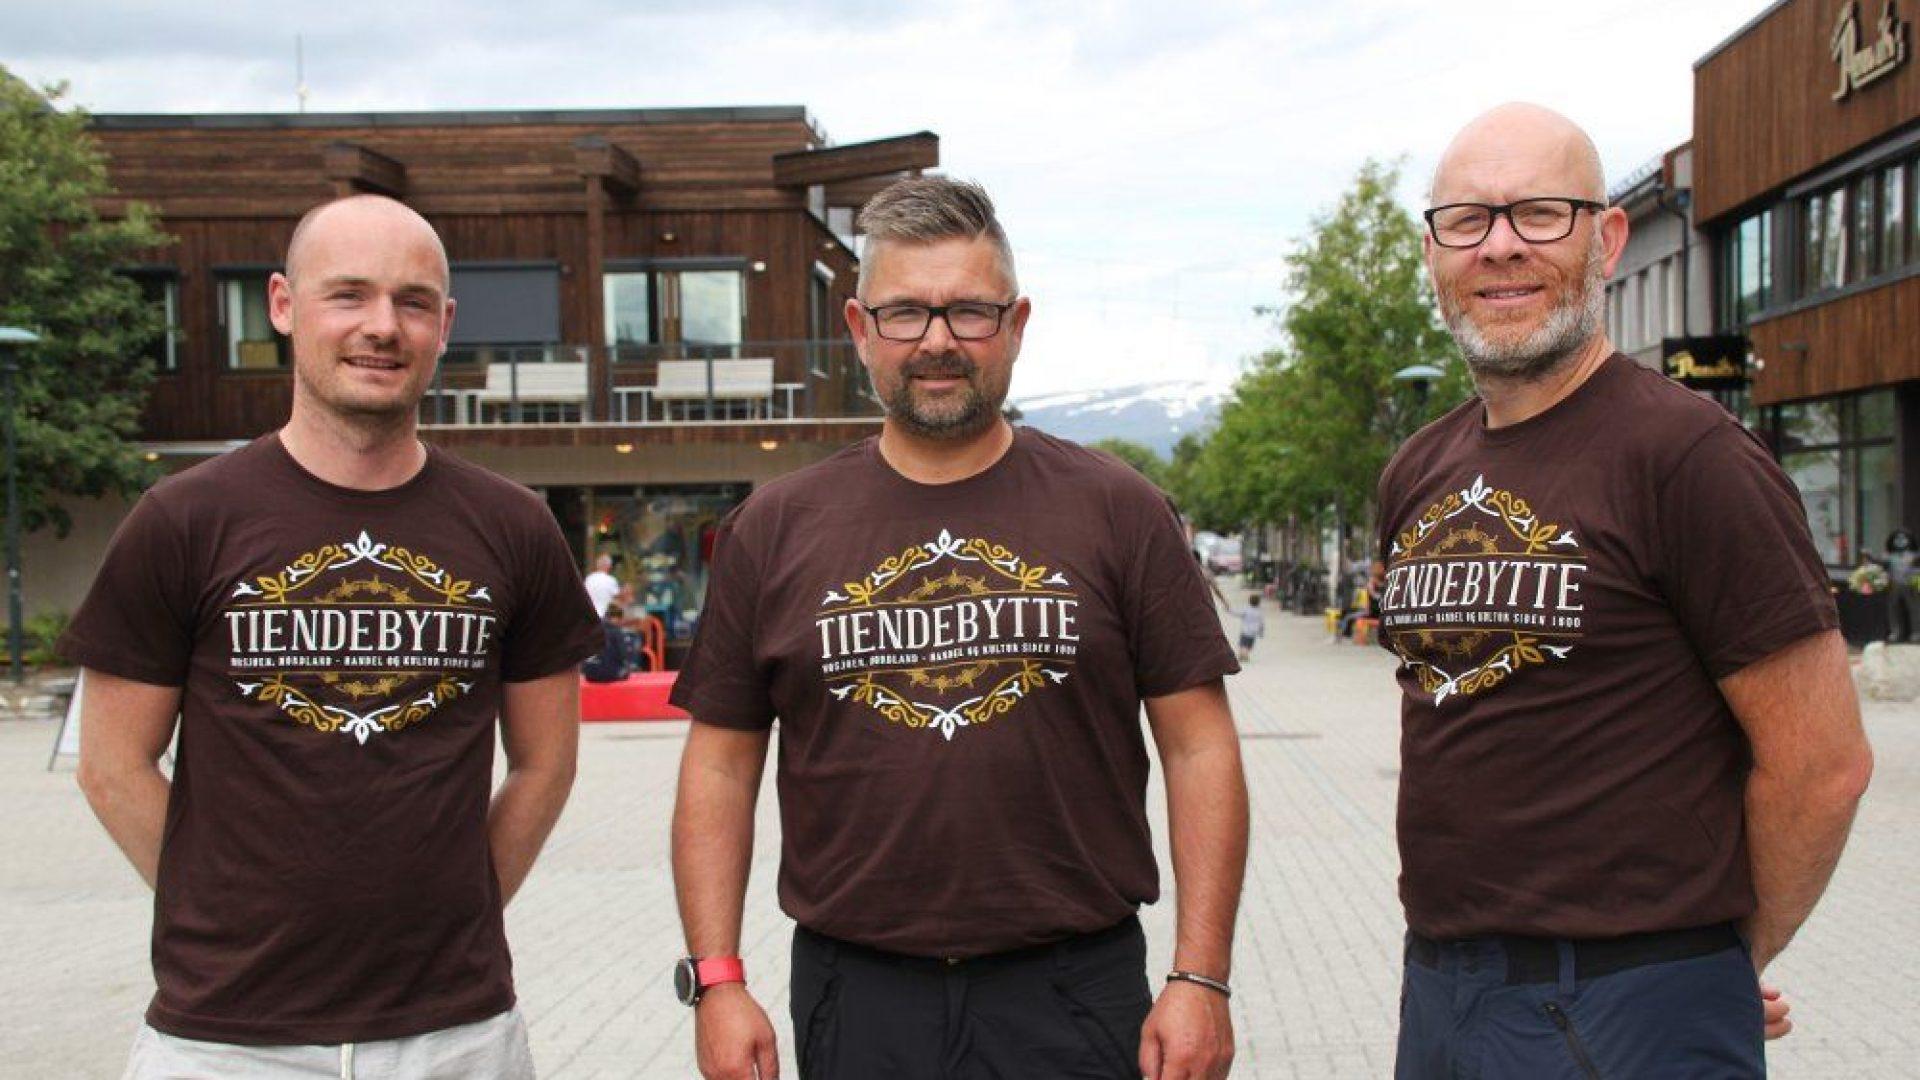 Helgeland Event med Tiendebytte T-shirts